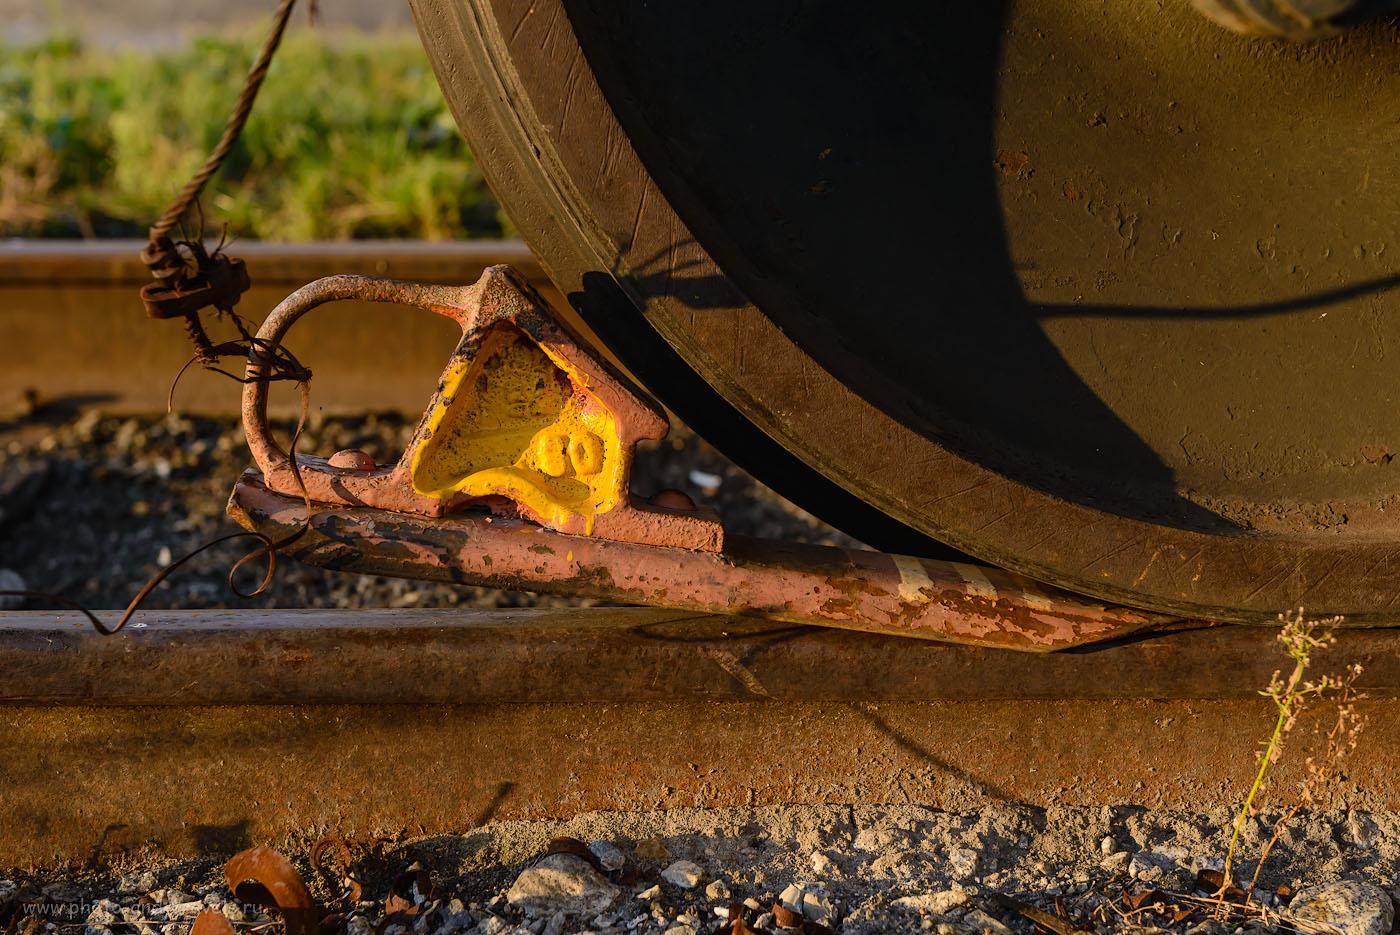 Фото 8. Башмак под колесом электровоза СС. Репортаж с похода в железнодорожный музей. 1/160, -0.33, 6.3, 720, 66.